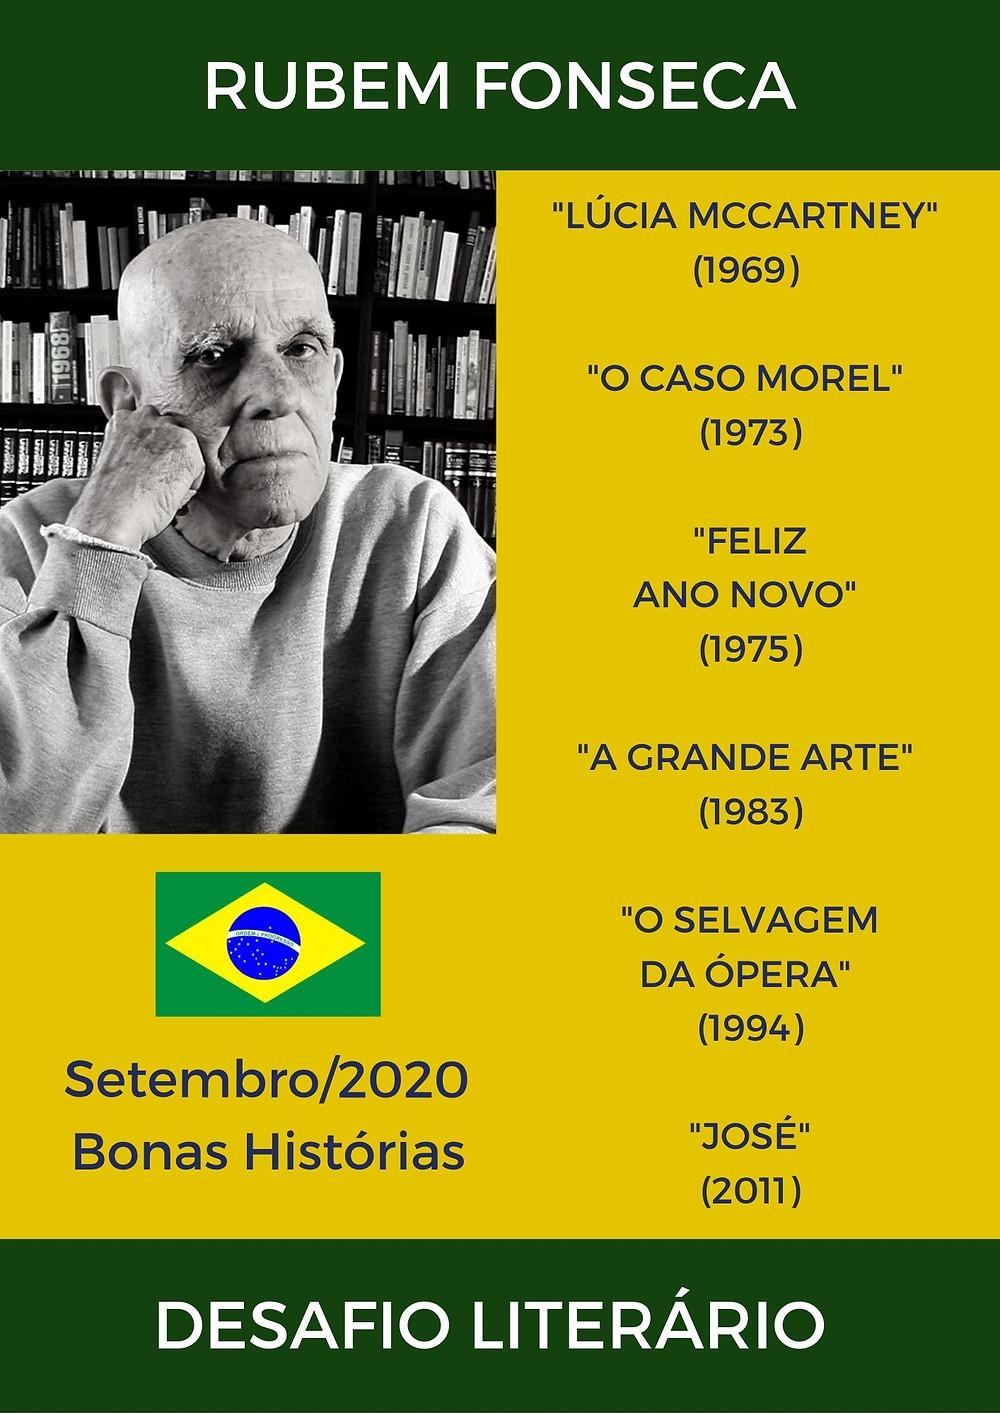 Análise Literária de Rubem Fonseca